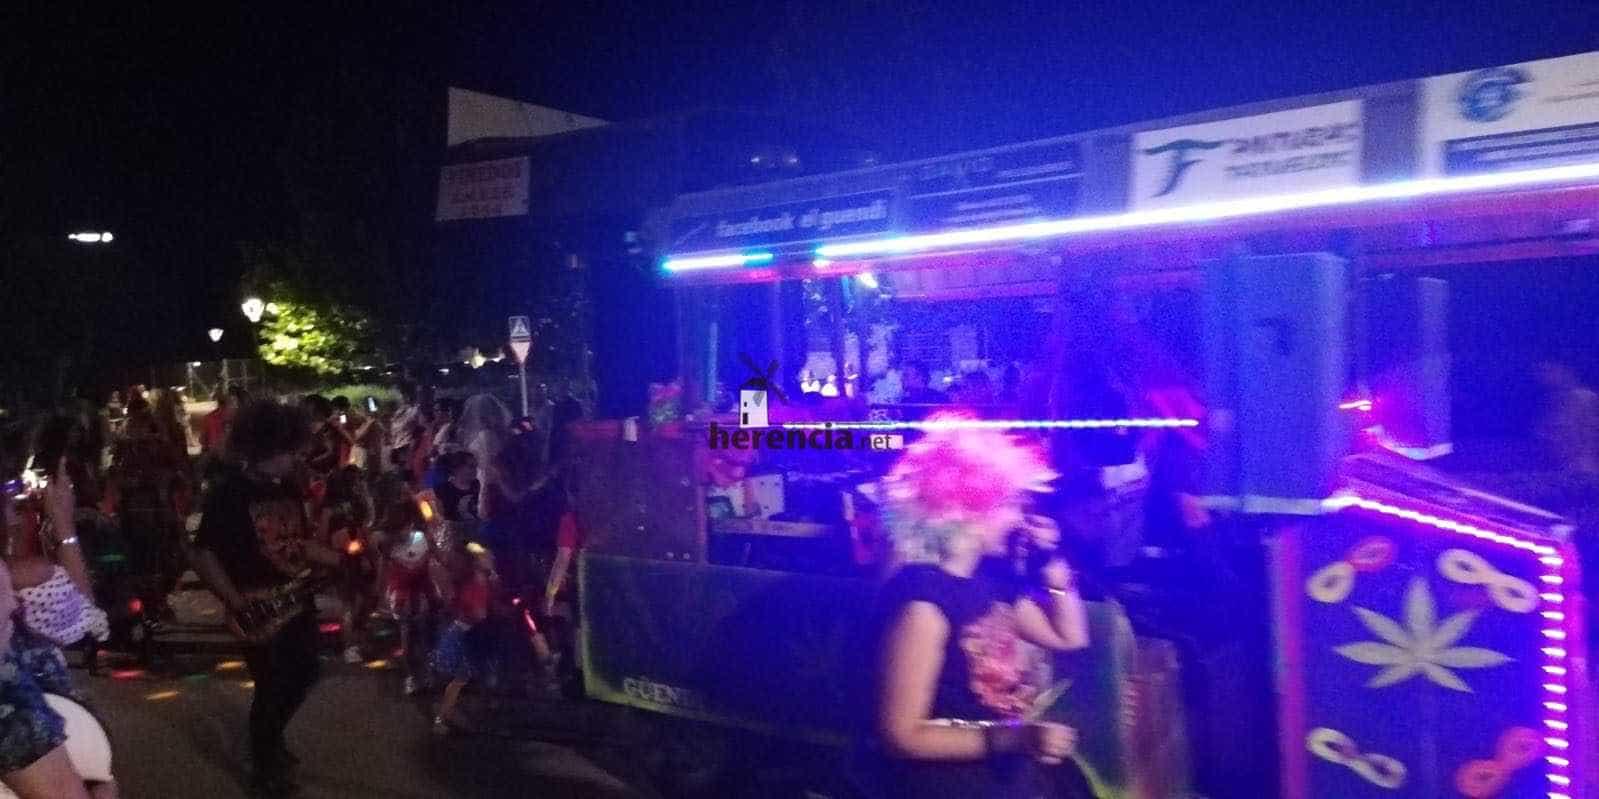 Carnaval de herencia 2019 galeria 39 - Galería de fotografías del Carnaval de Verano 2019